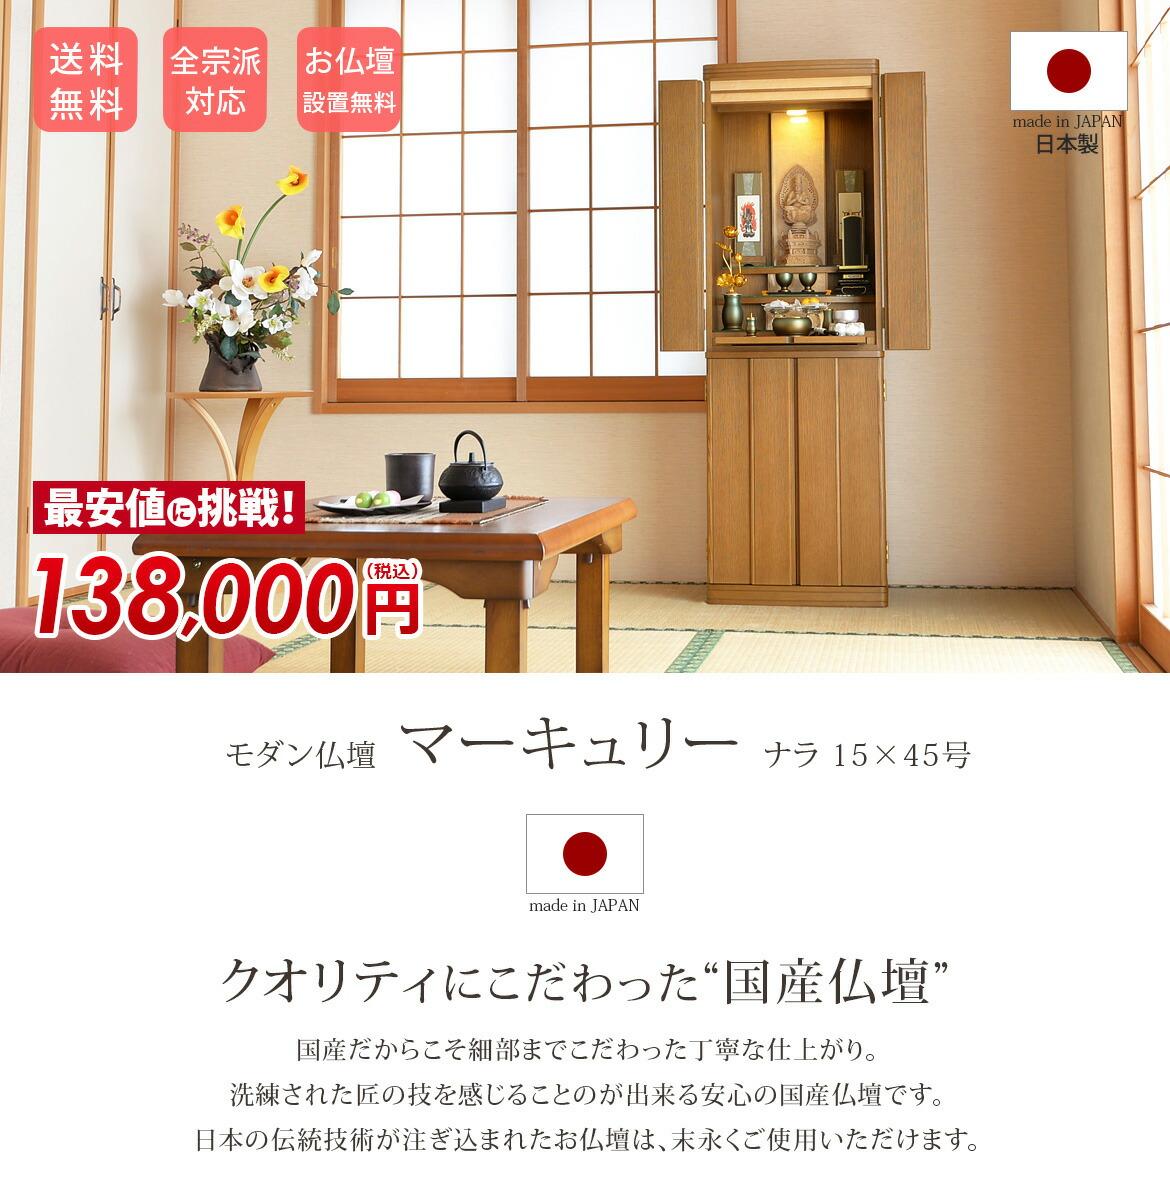 モダン仏壇マーキュリー ナラ 15×45号